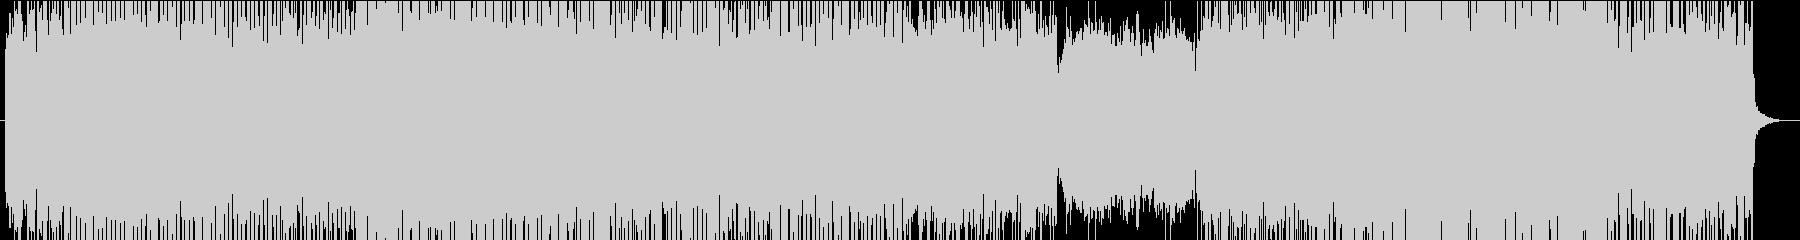 和/太鼓/電子音/ノイズの未再生の波形